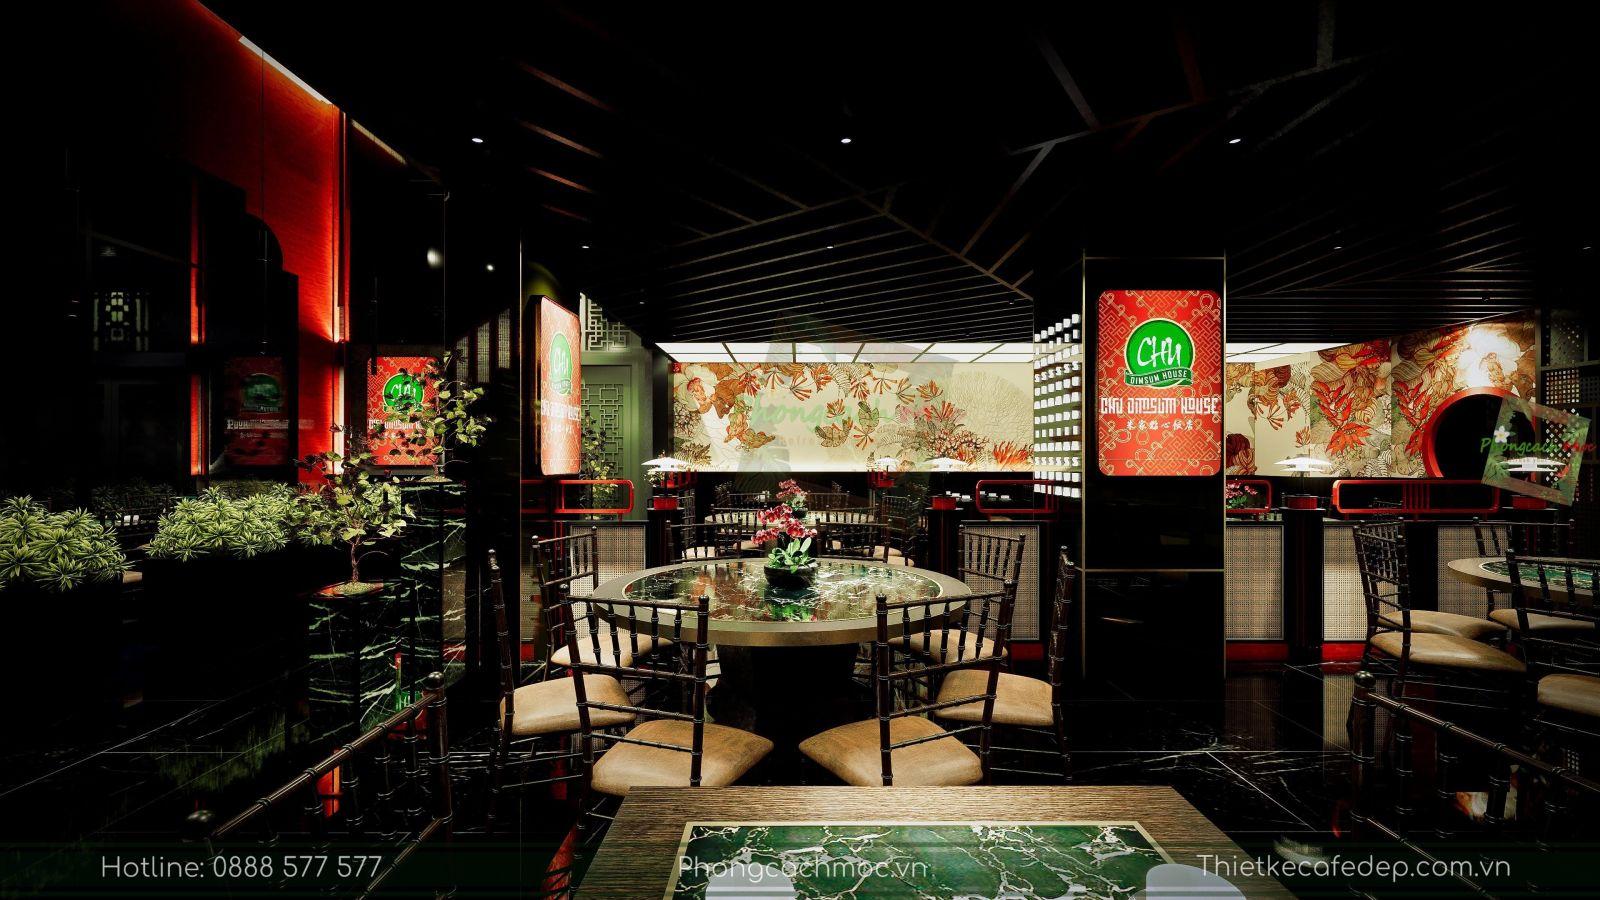 thiết kế nhà hàng trung hoa - không gian tầng trệt - nét văn hóa độc đáo - 2